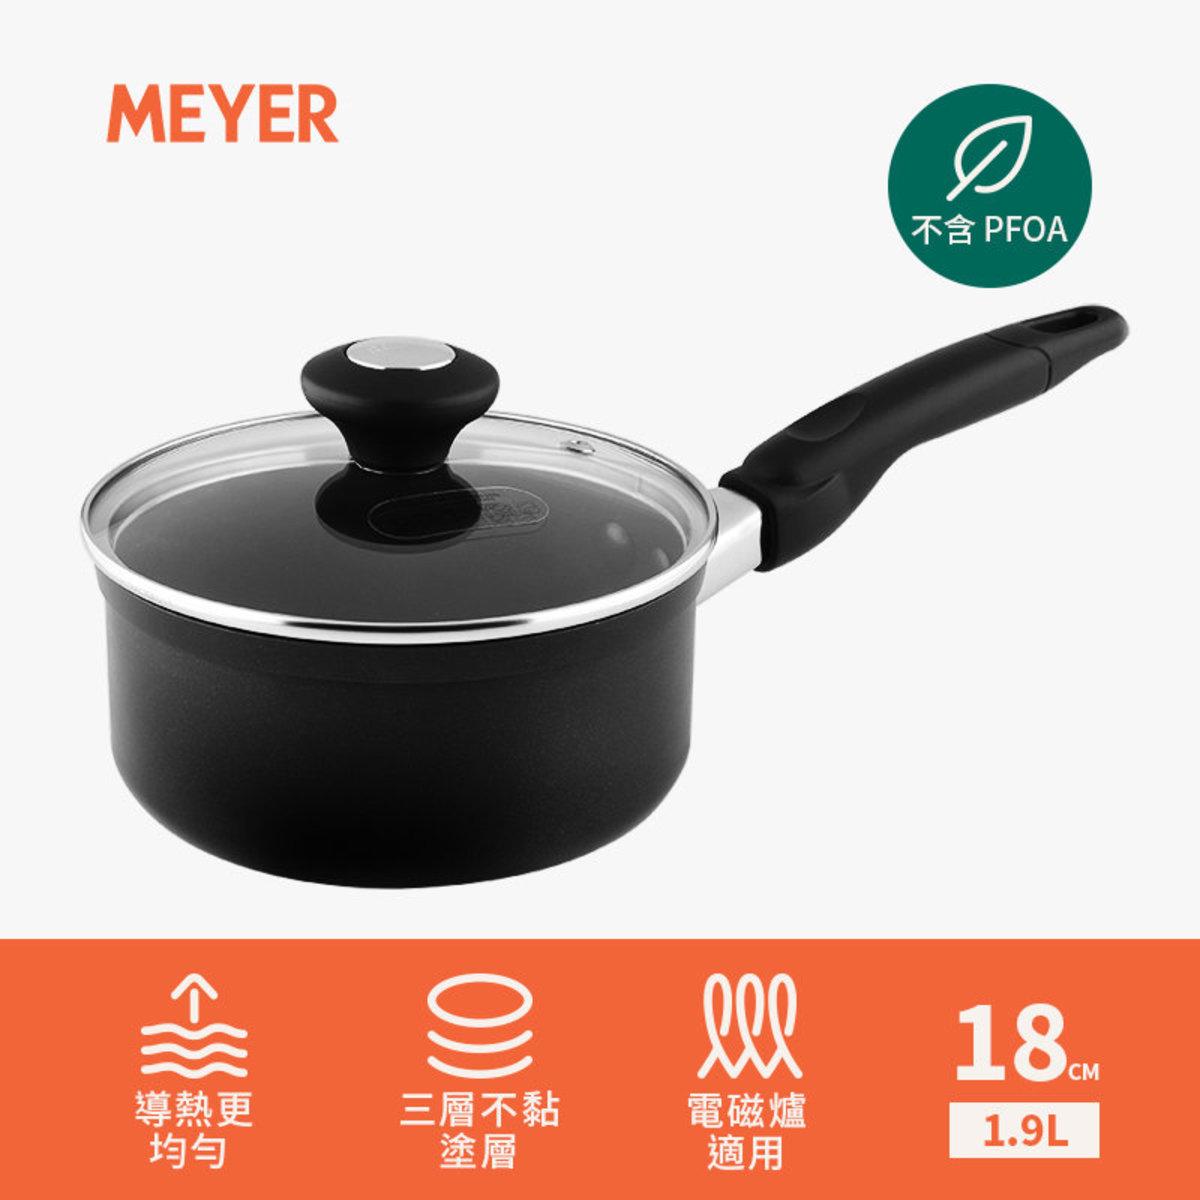 (電磁爐適用) 18cm | 1.9L 易潔單柄湯煲連蓋 - COOK 'N LOOK (#18885)